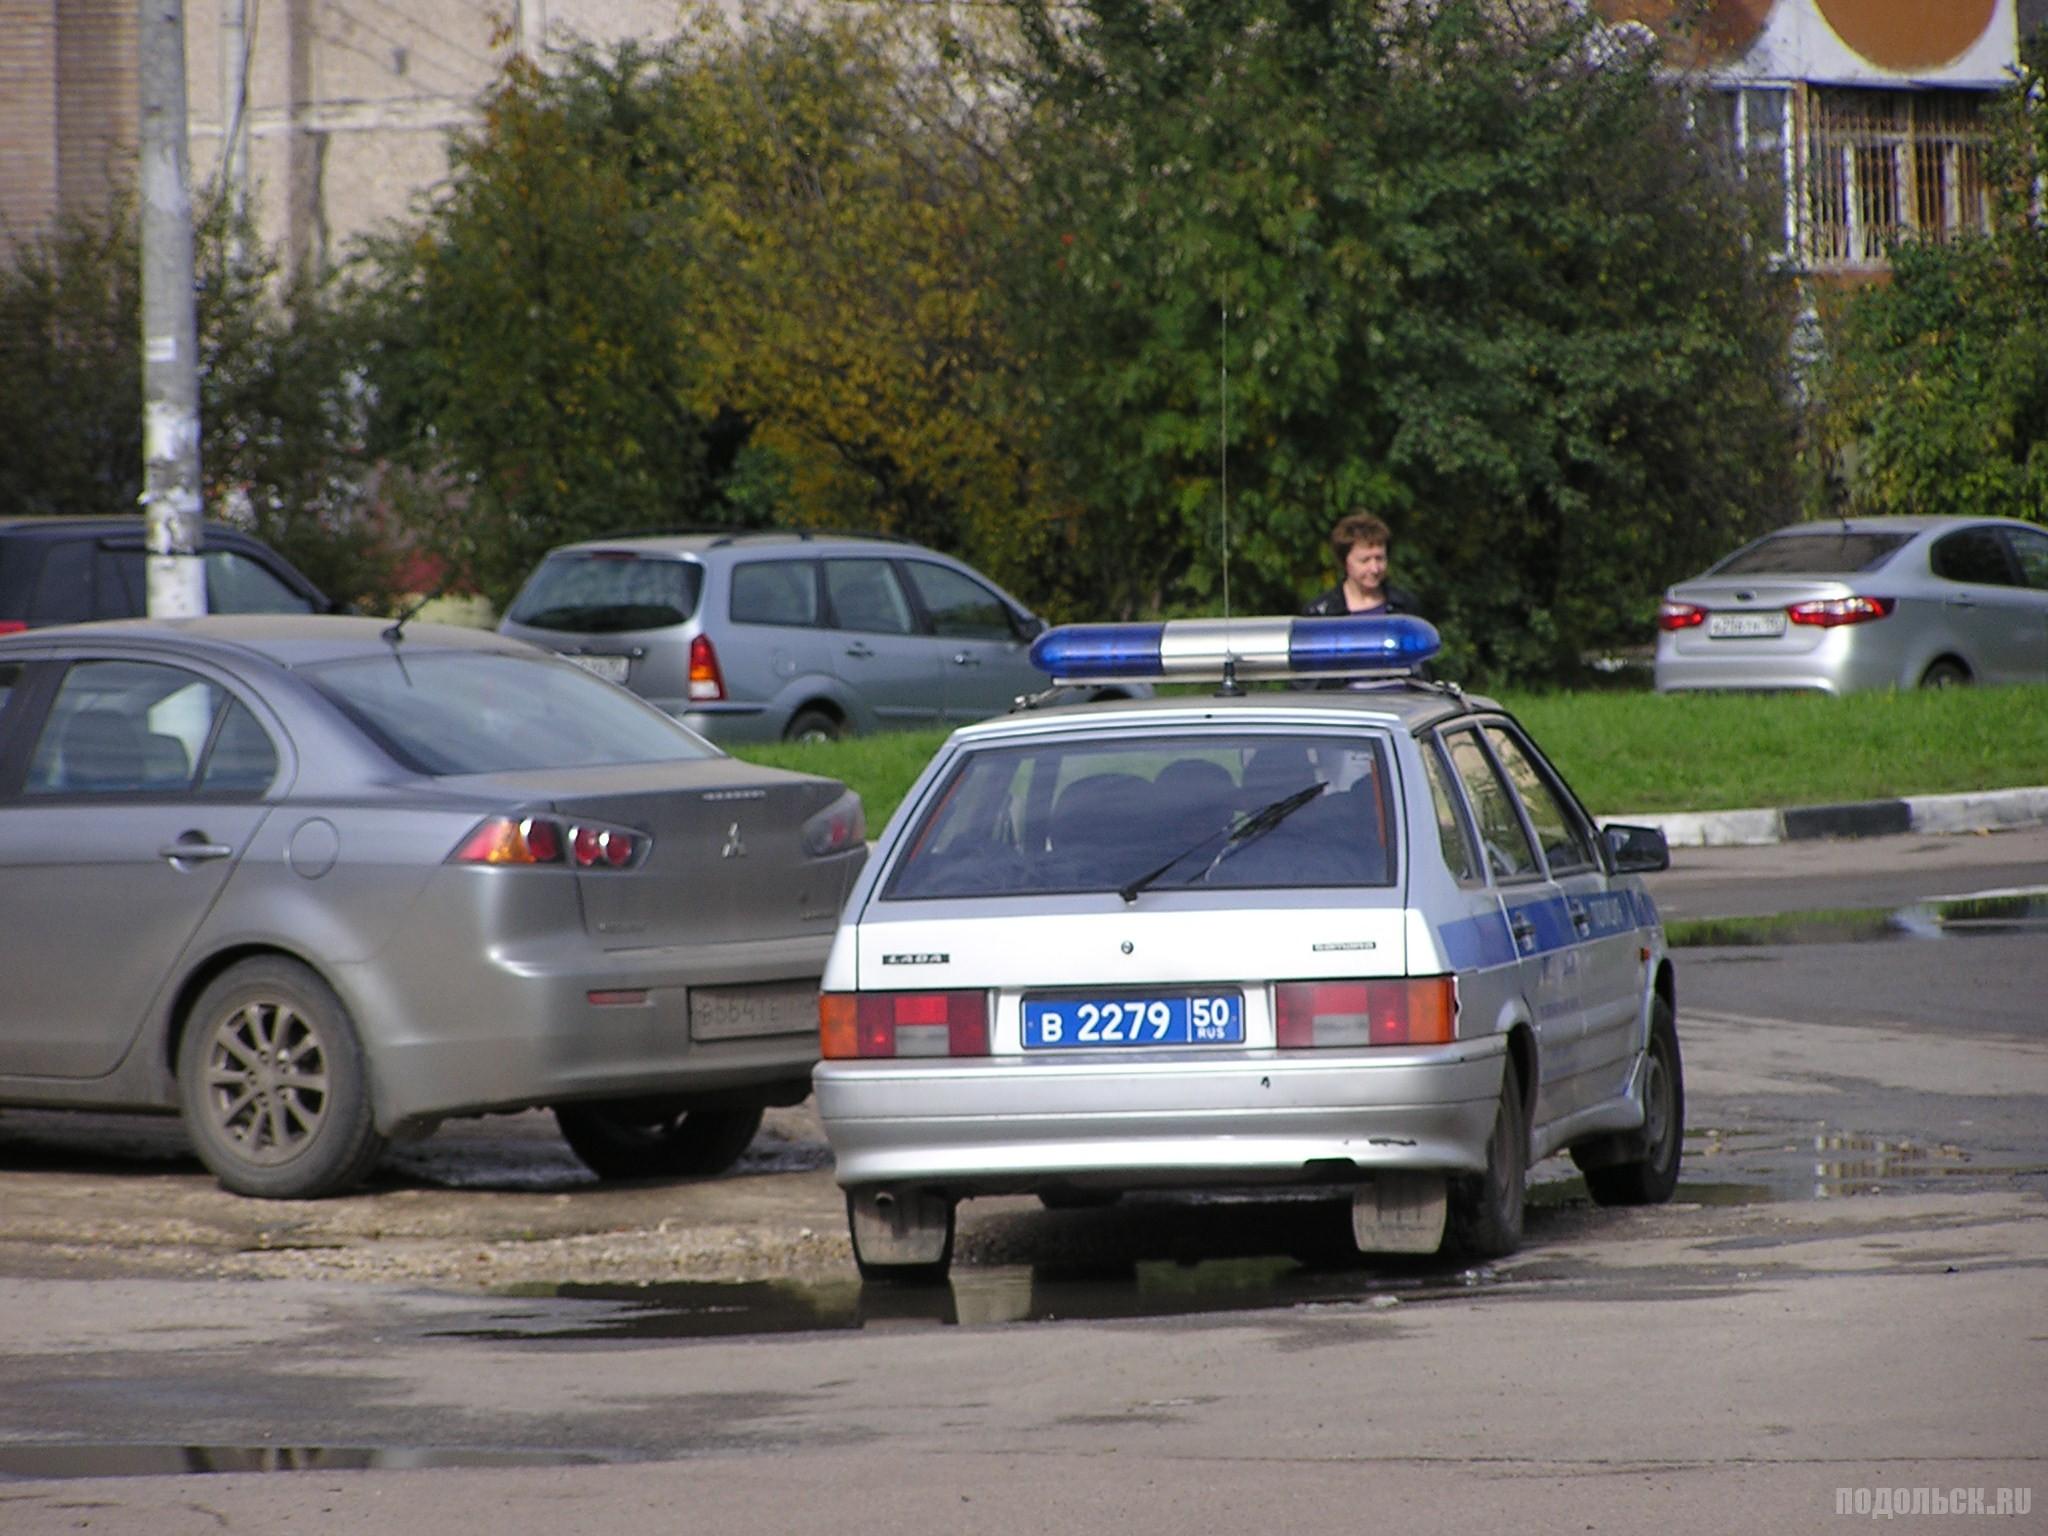 Машина полиции в Подольске. 2 октября 2016 г.